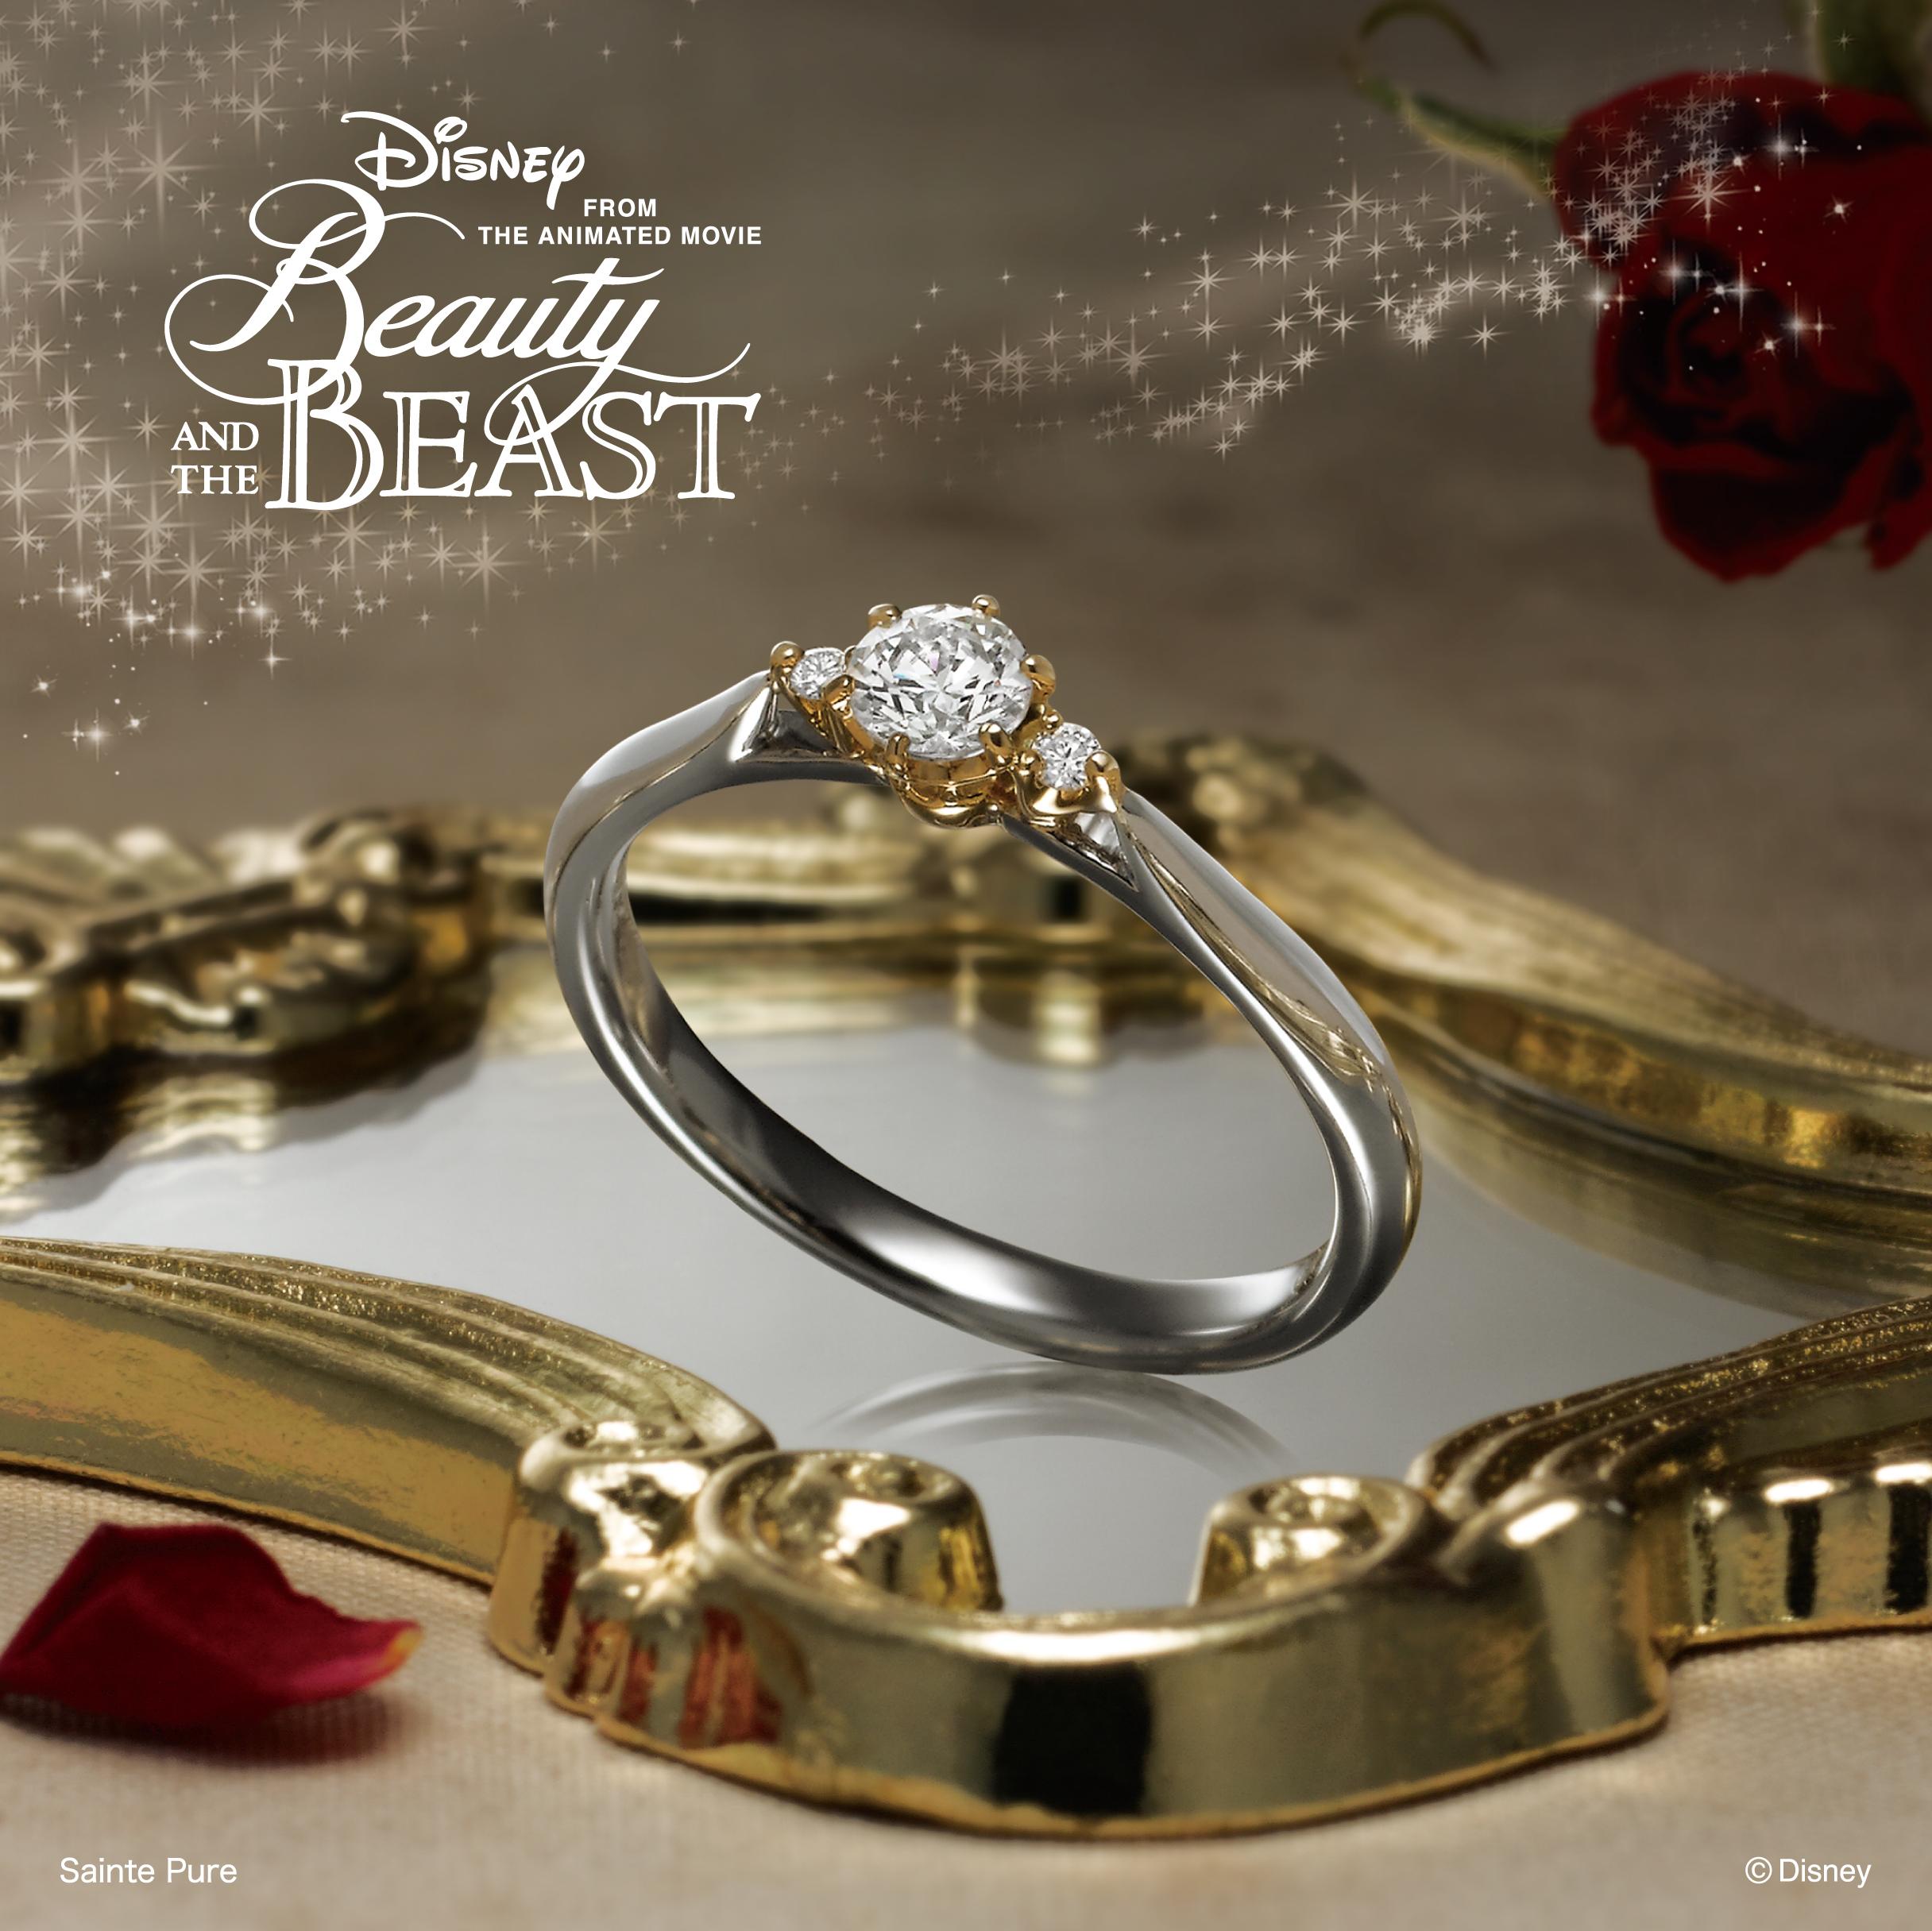 ディズニー美女と野獣の婚約指輪